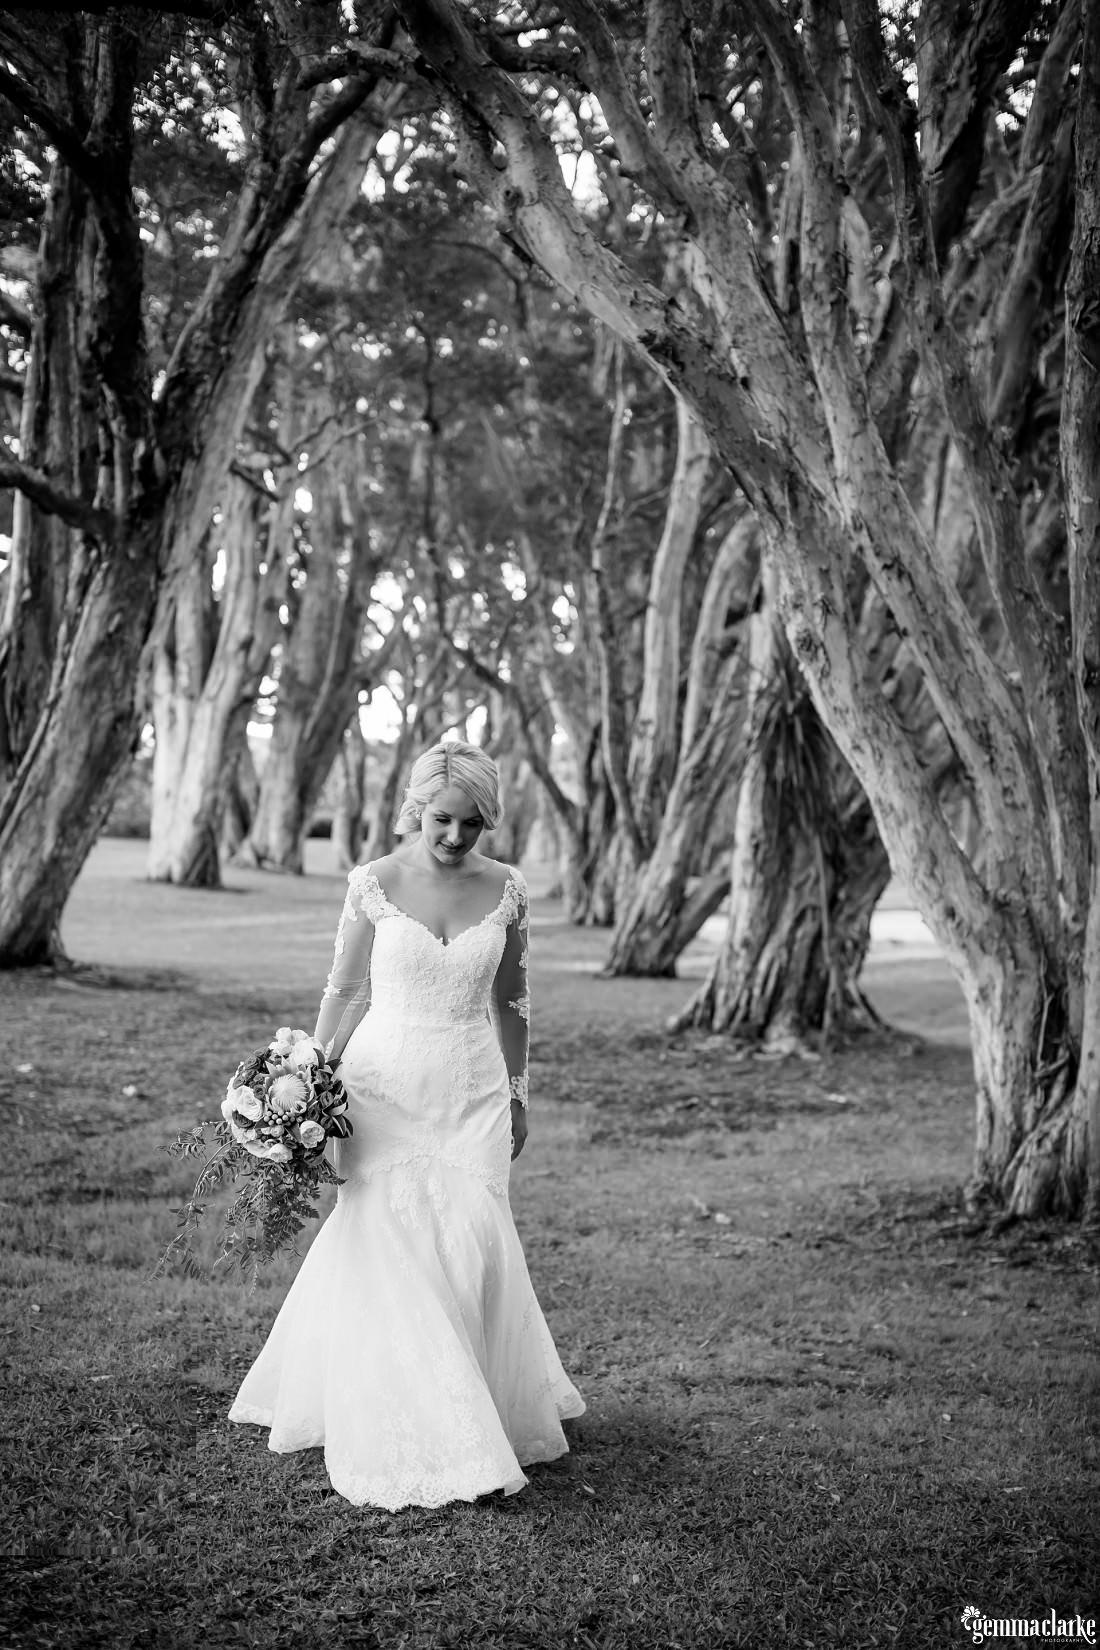 A bride walking through some trees - Centennial Park Wedding